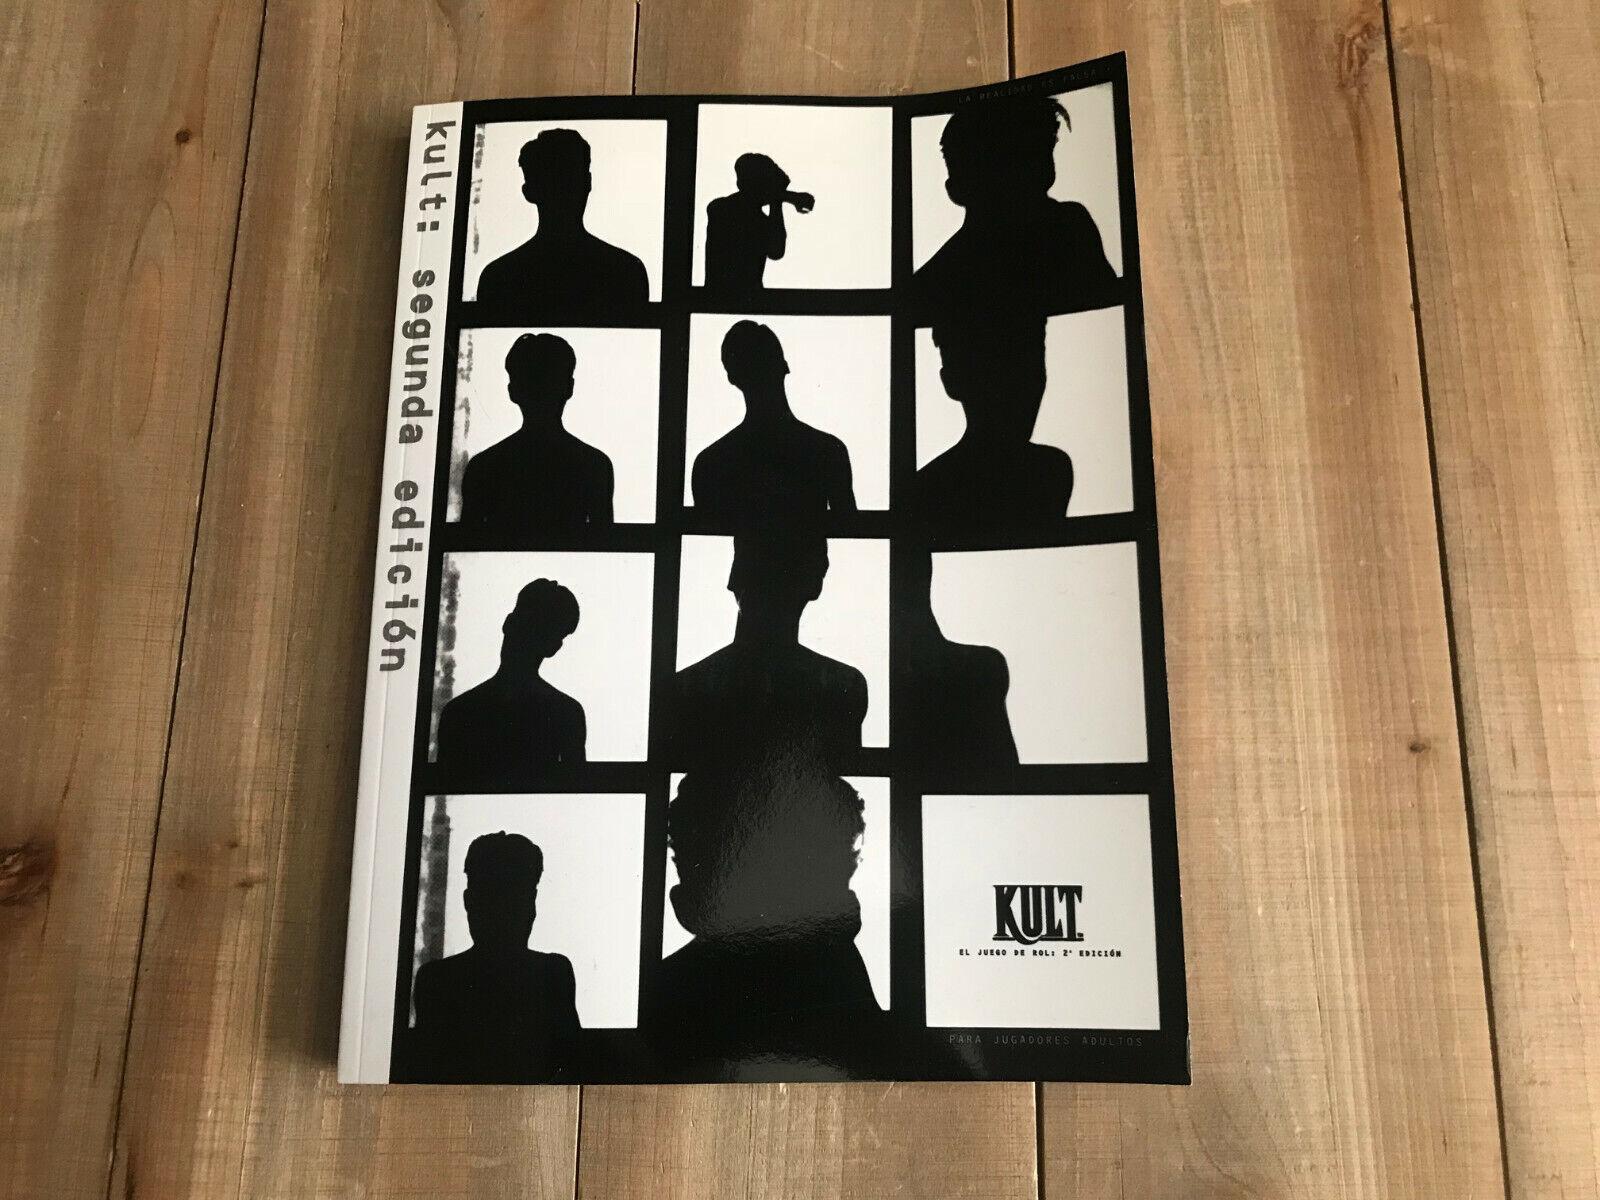 KULT - Básico Segunda Edición - juego de rol - La Factoria Ed. Español